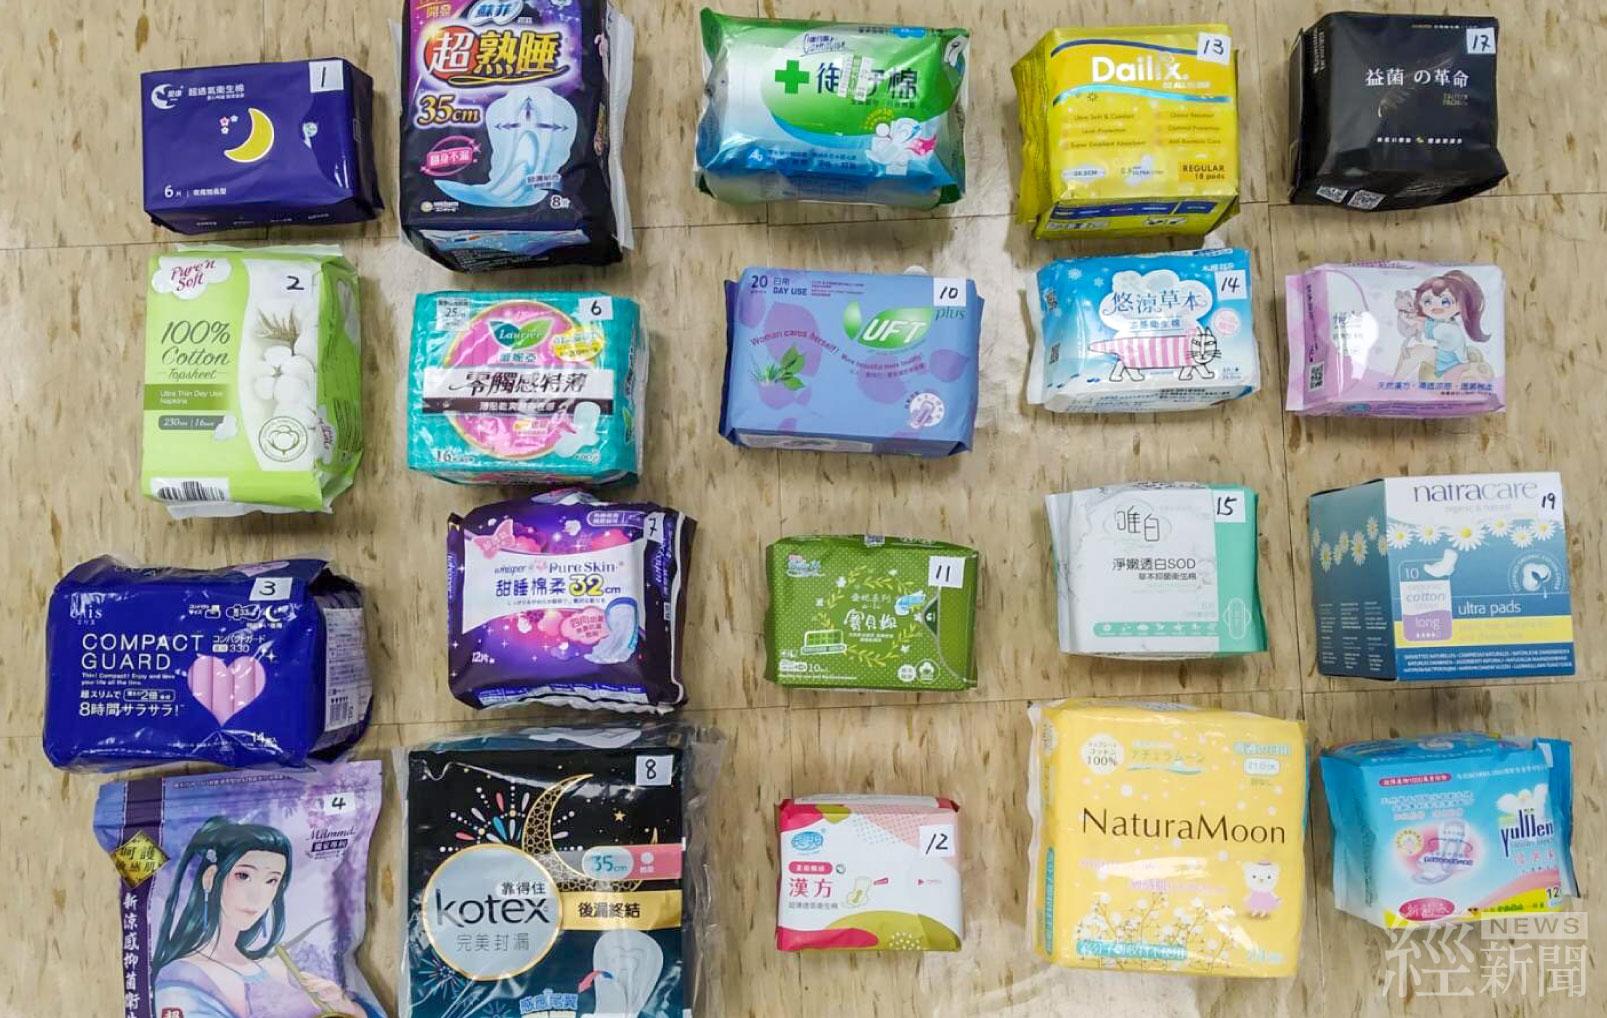 市售衛生棉檢測 1項品質不合格